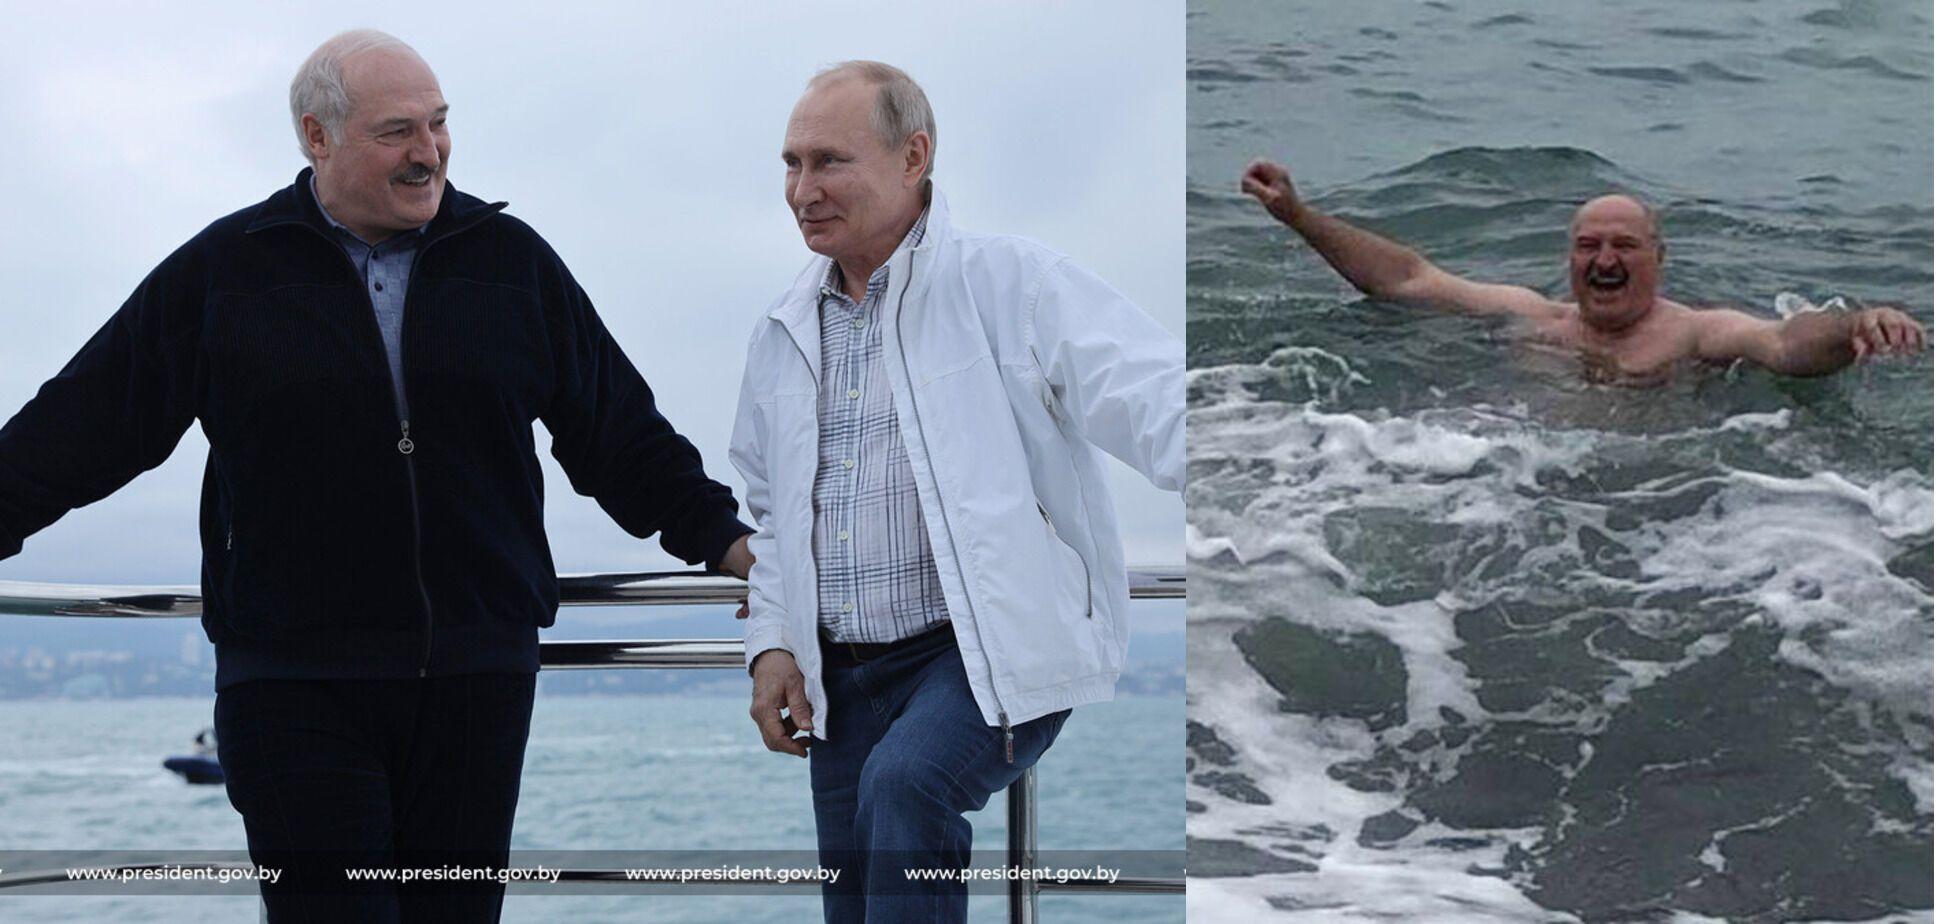 Мокрий сатрап. Навіщо Лукашенко поліз у Чорне море